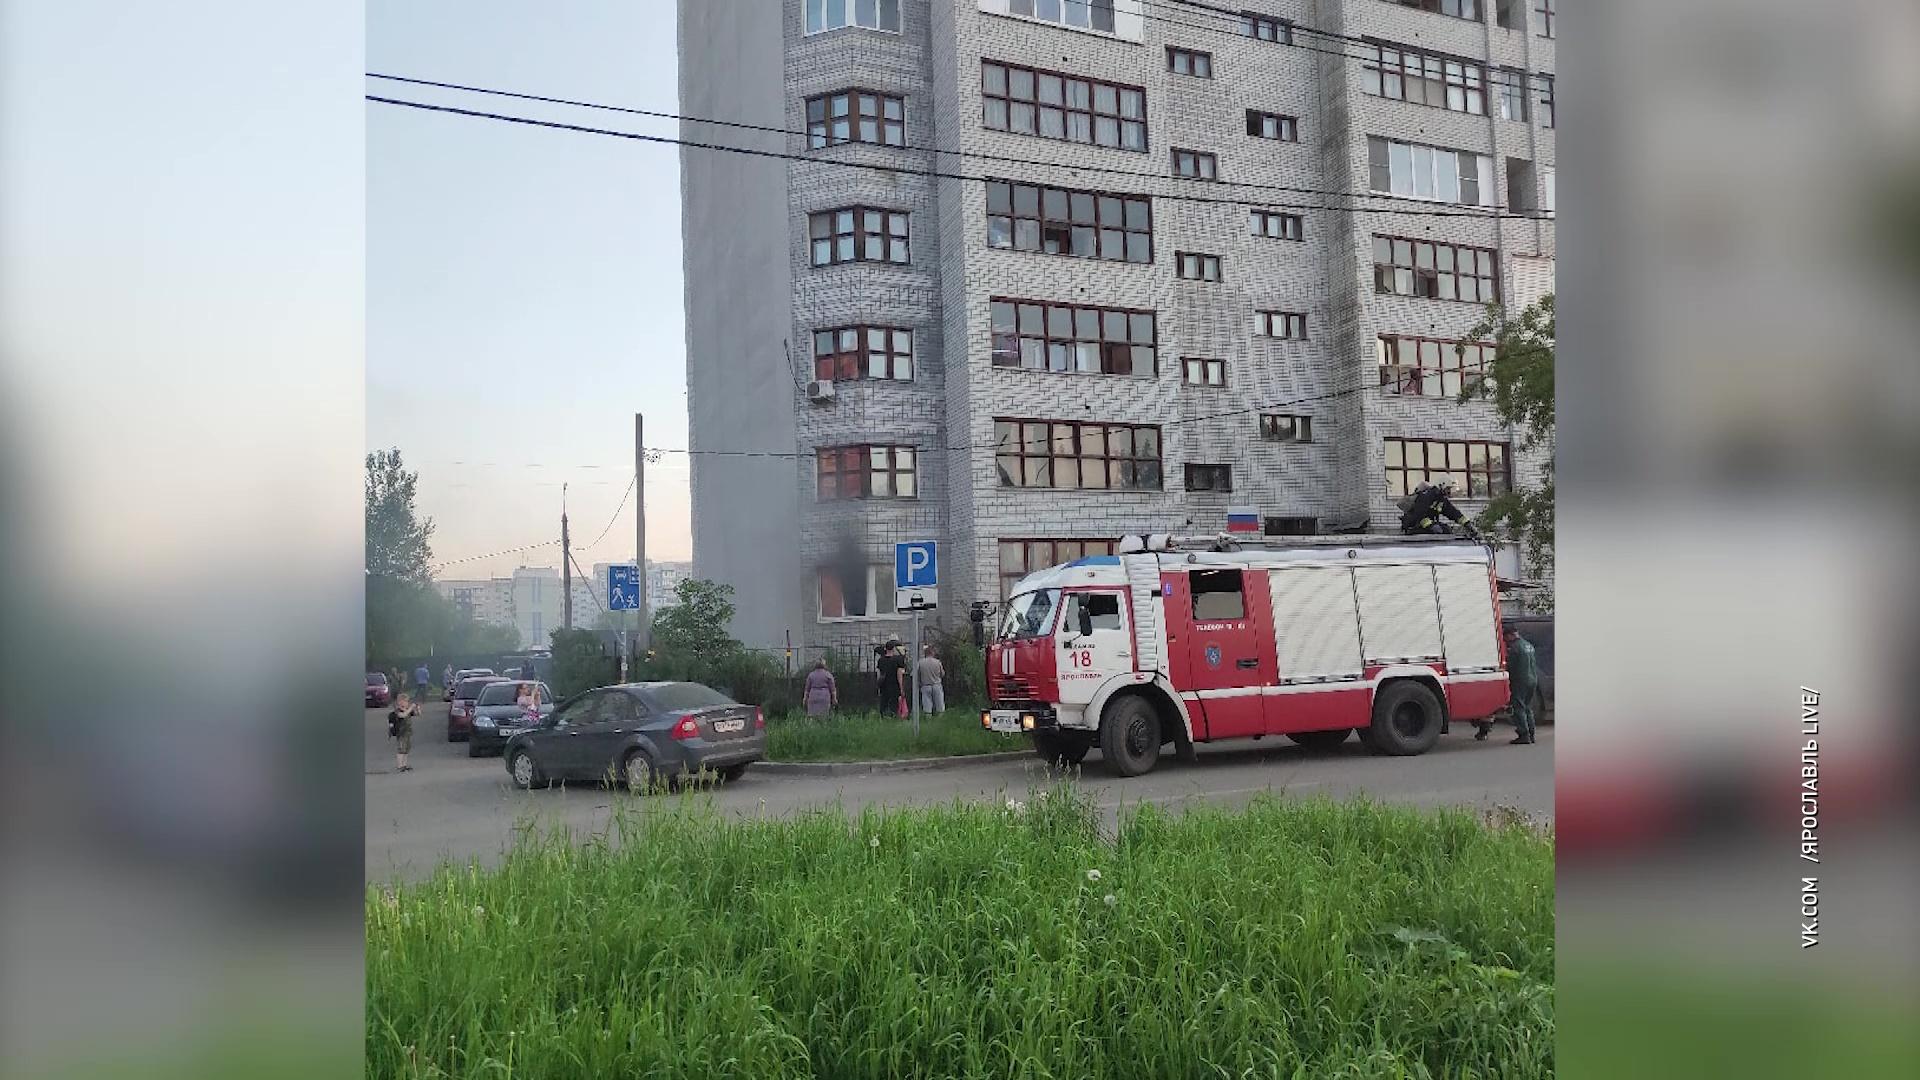 На улице Строителей в Ярославле произошел пожар в многоквартирном доме